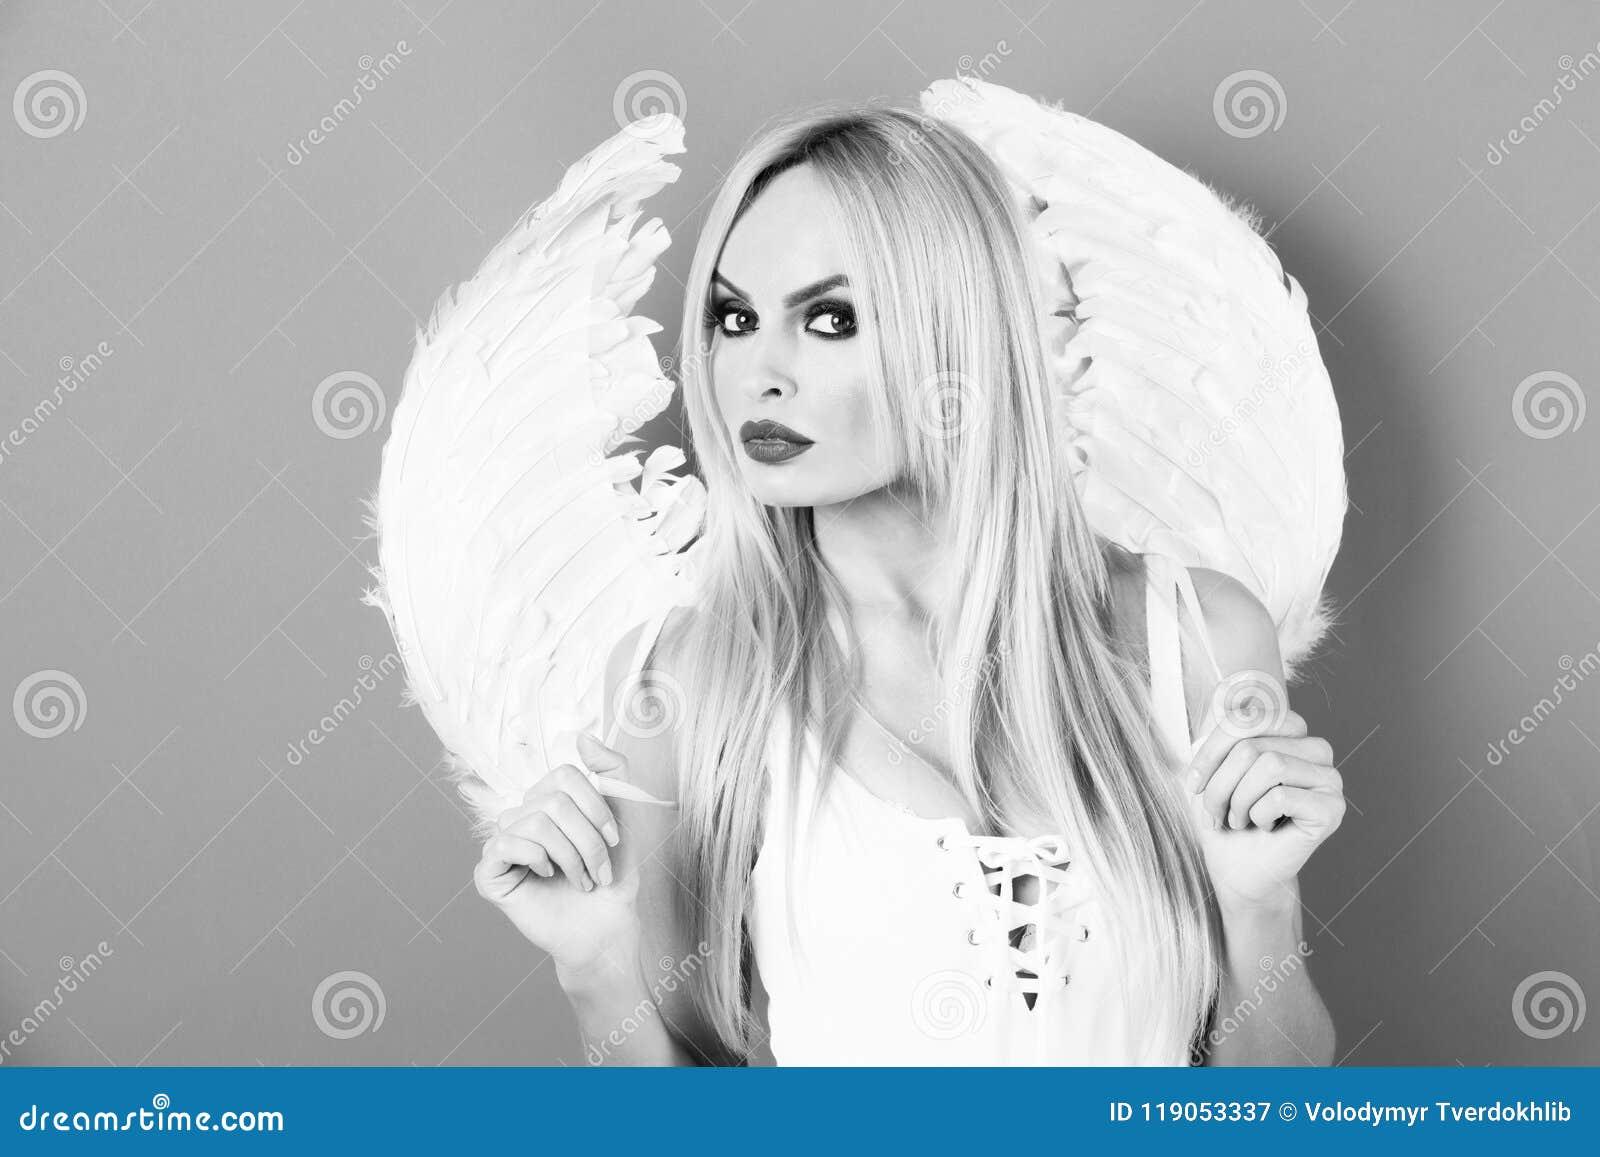 Angelica Bella Fotos bellezza angelica bella donna bionda con le ali di angelo